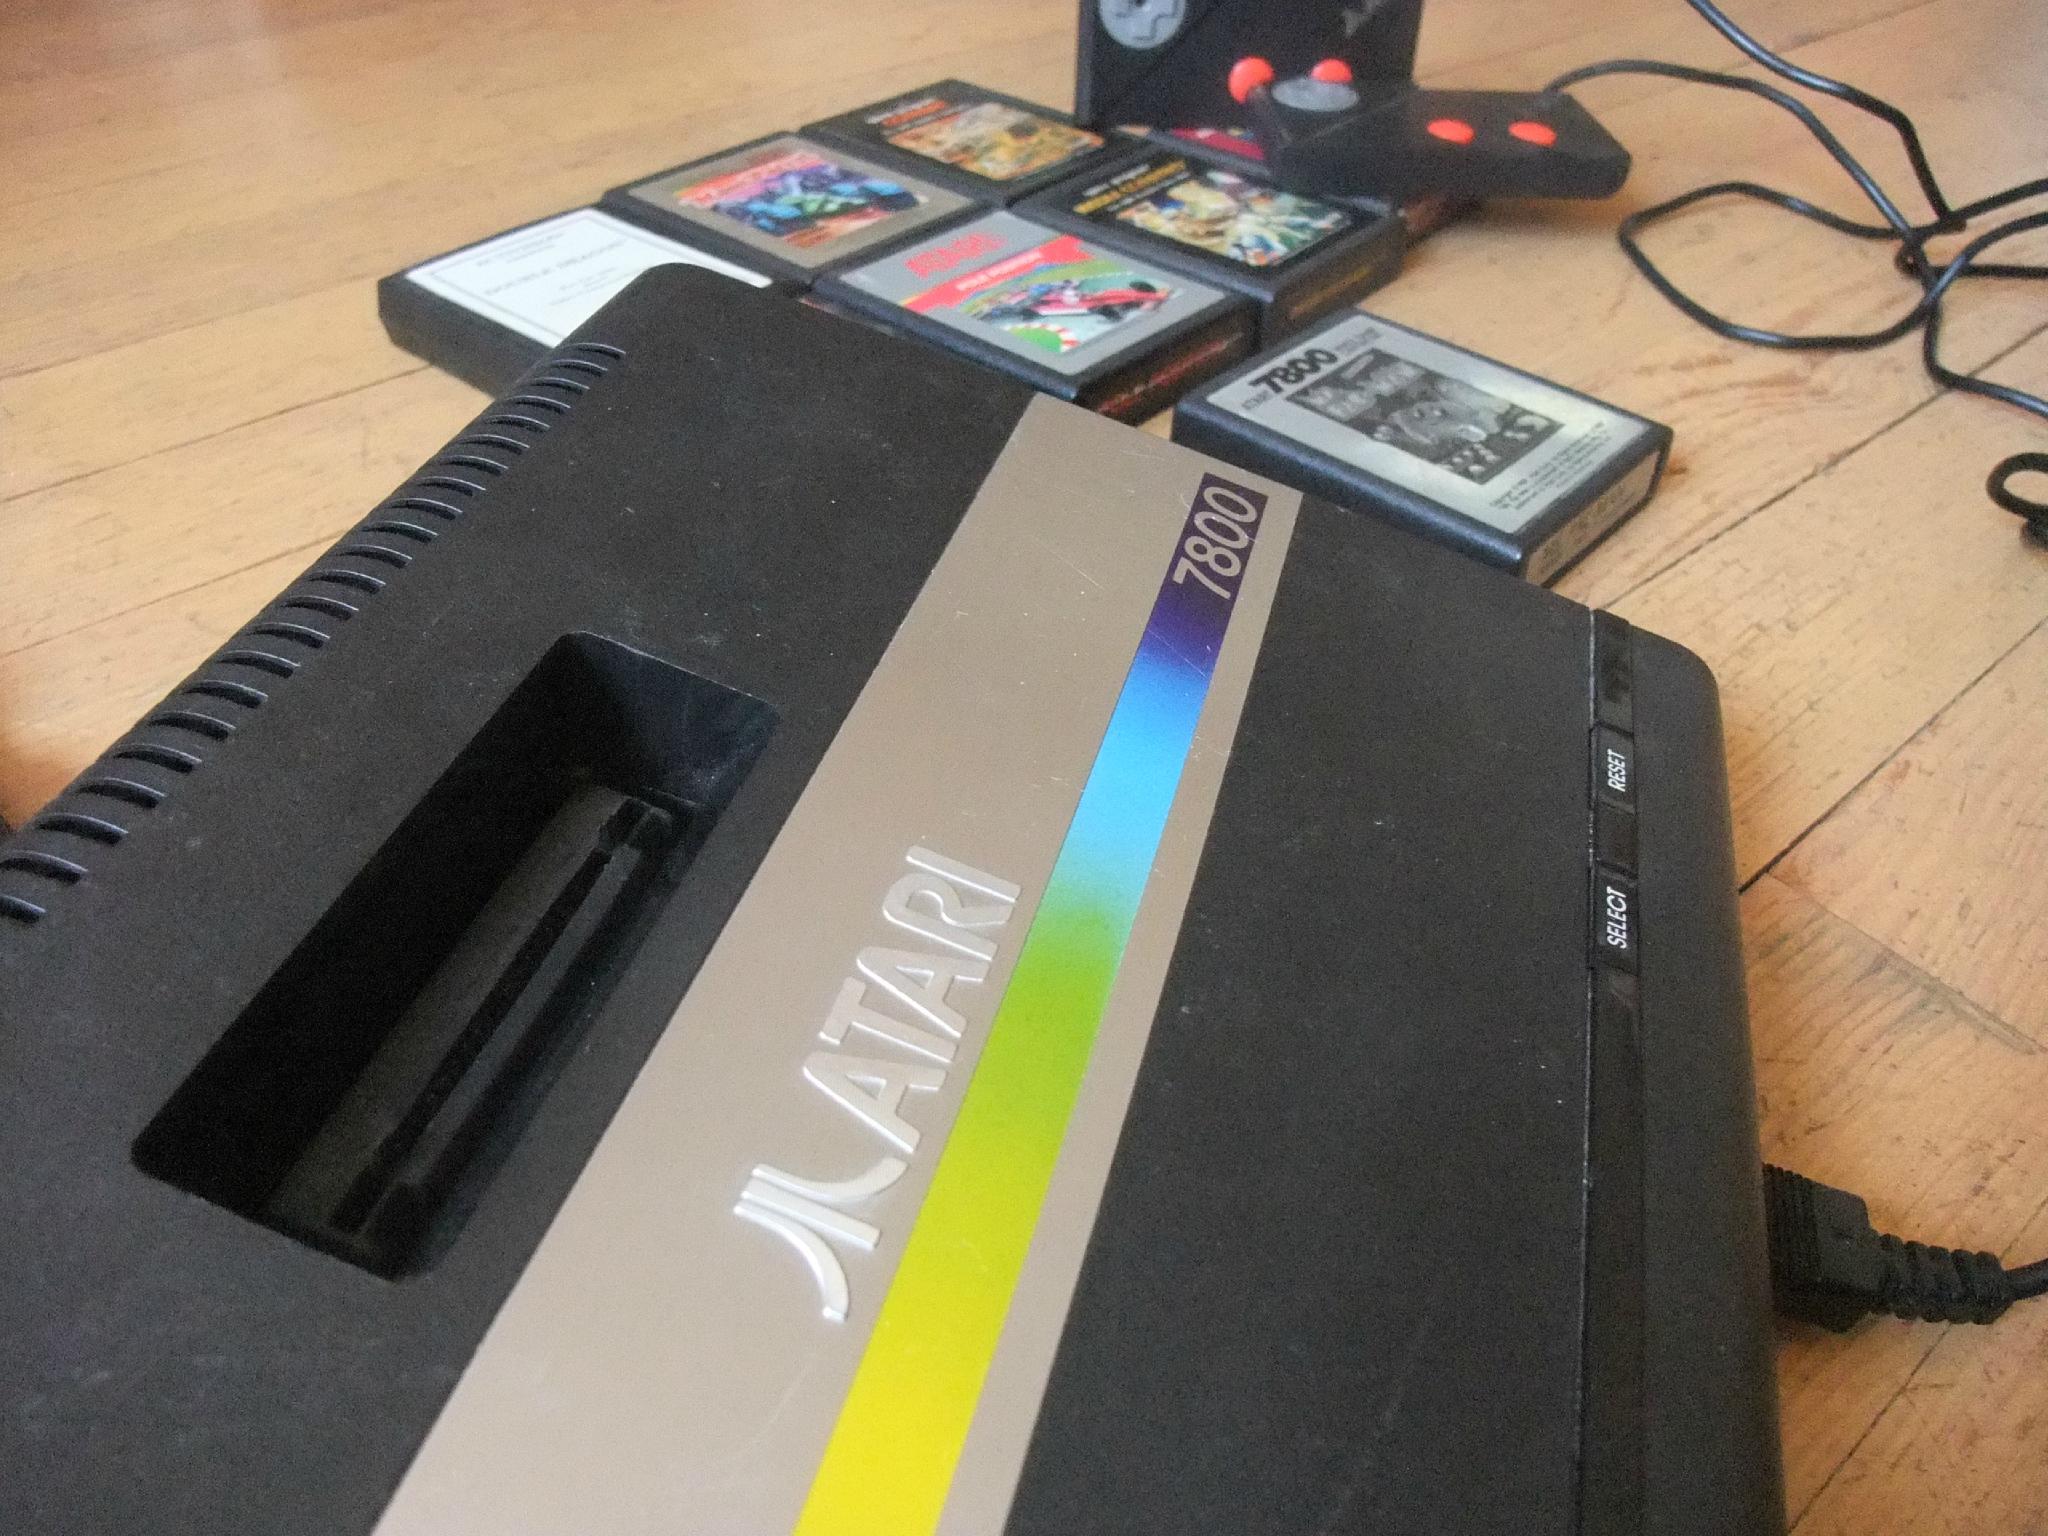 [RESOLU] Atari 7800 qui refuse de s'allumer 97217043_o